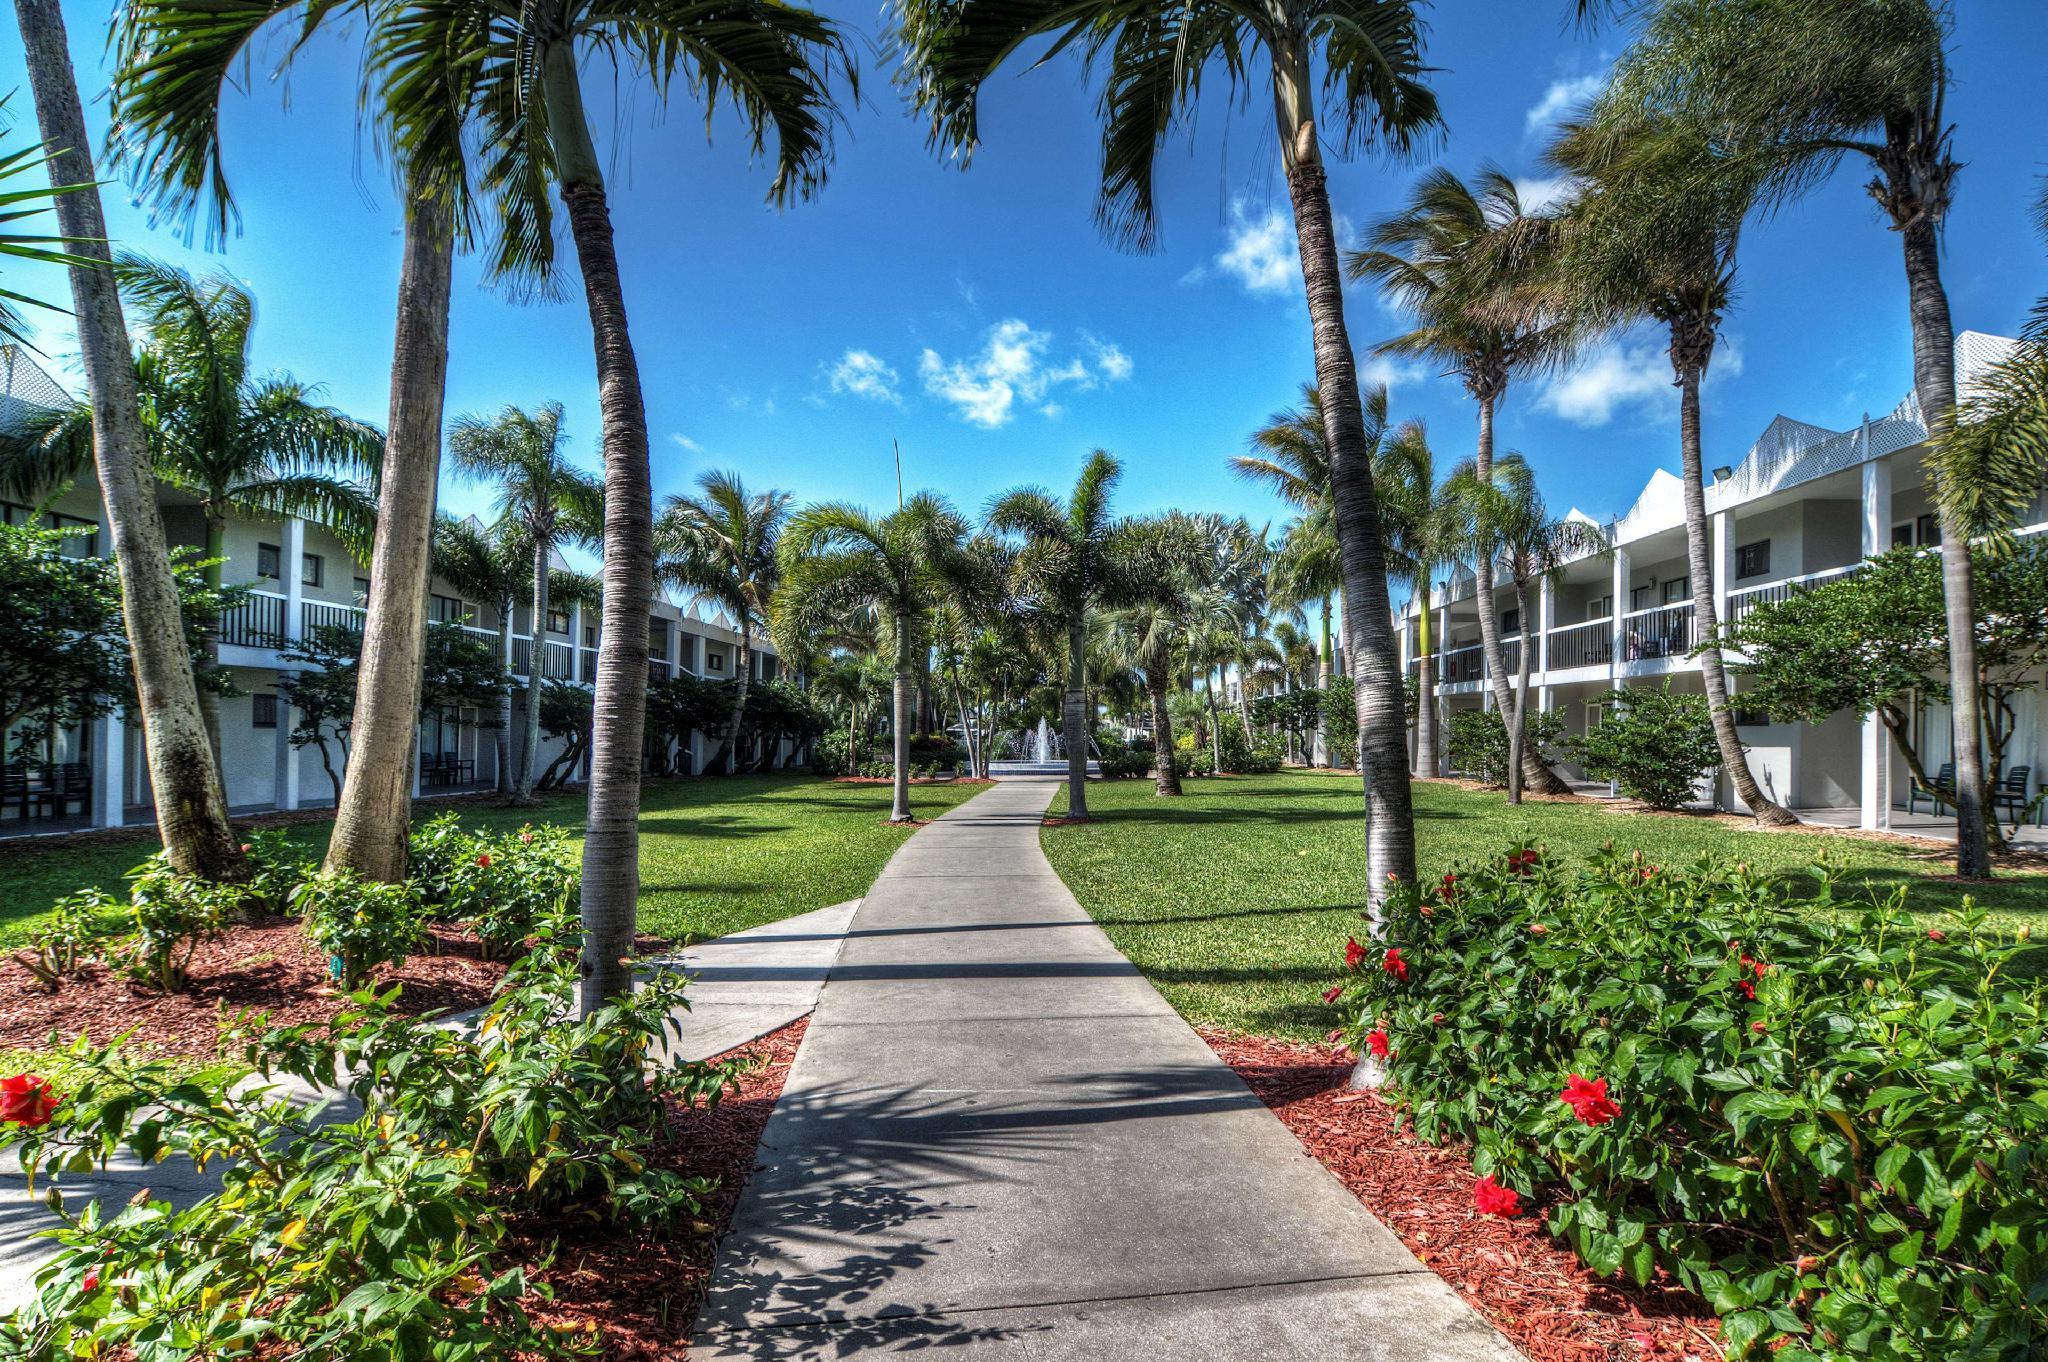 Beachcomber Beach Resort And Hotel